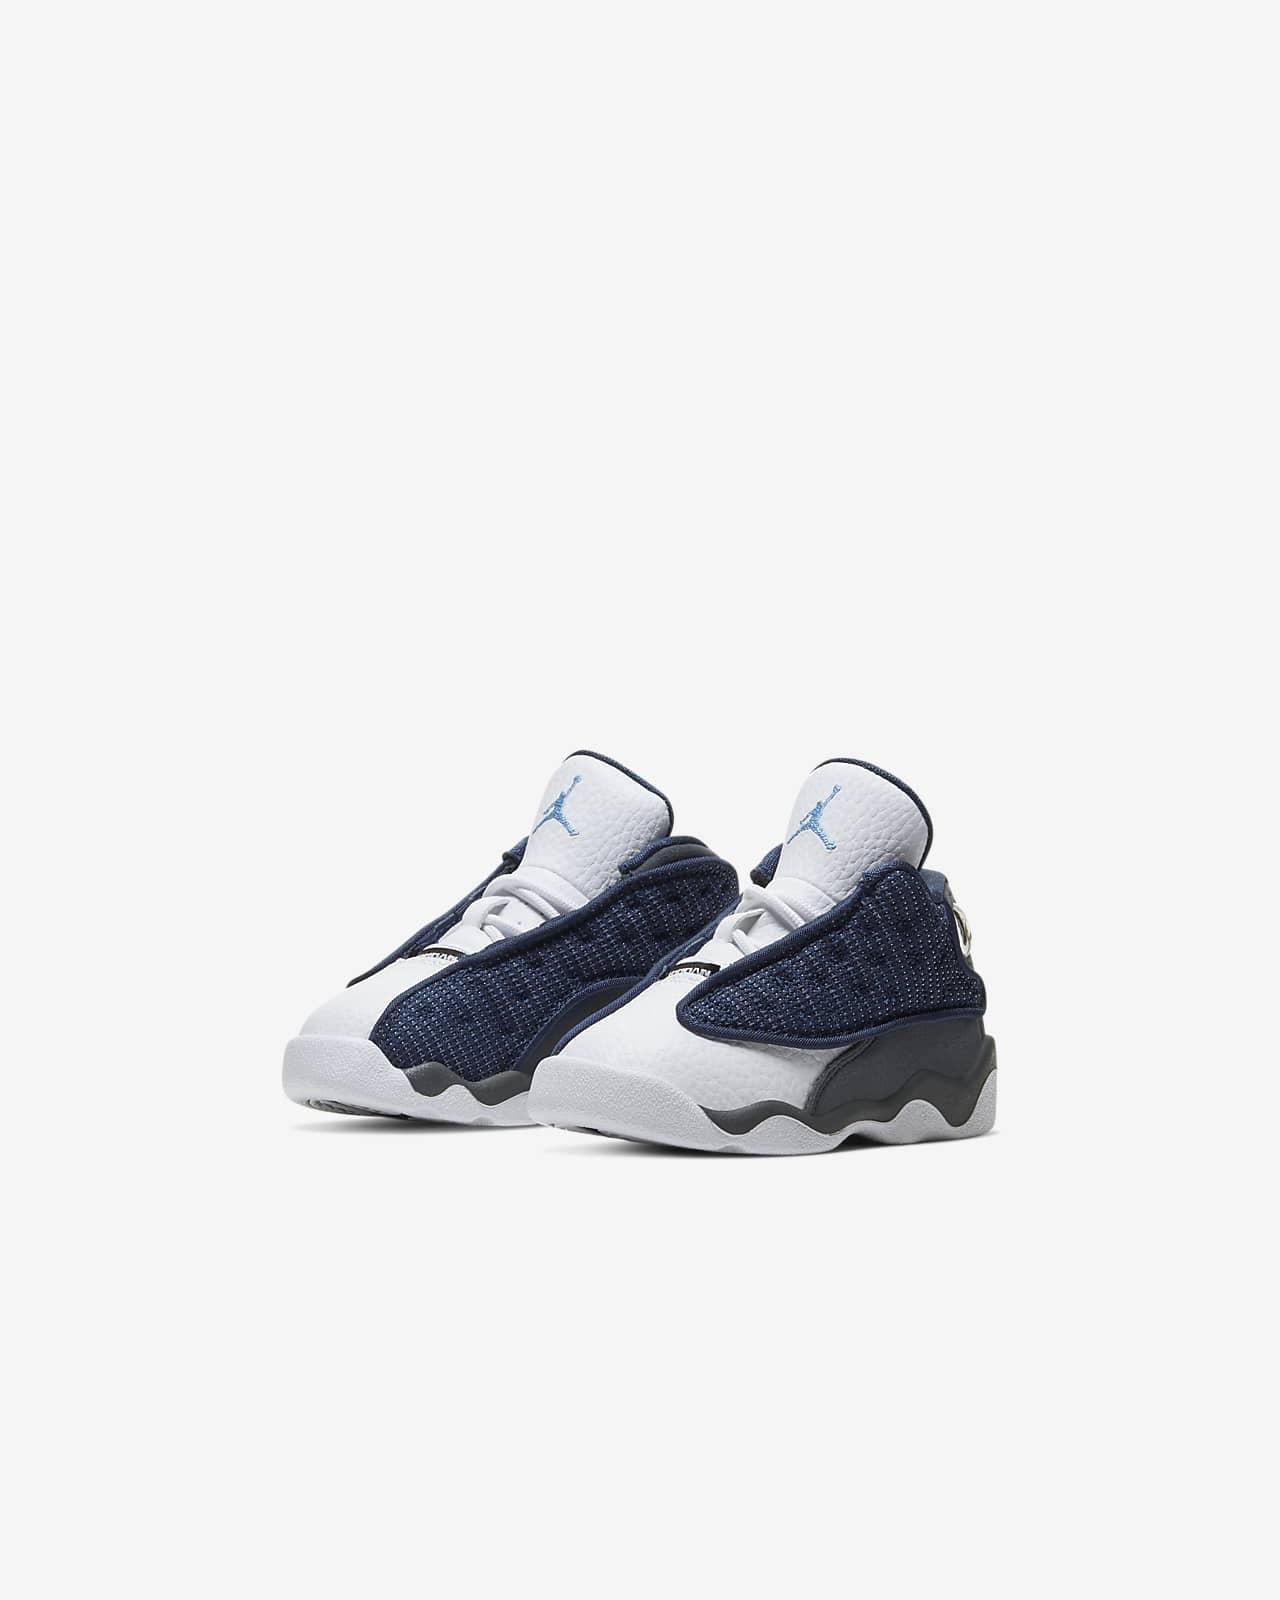 Jordan 13 Retro Baby & Toddler Shoes